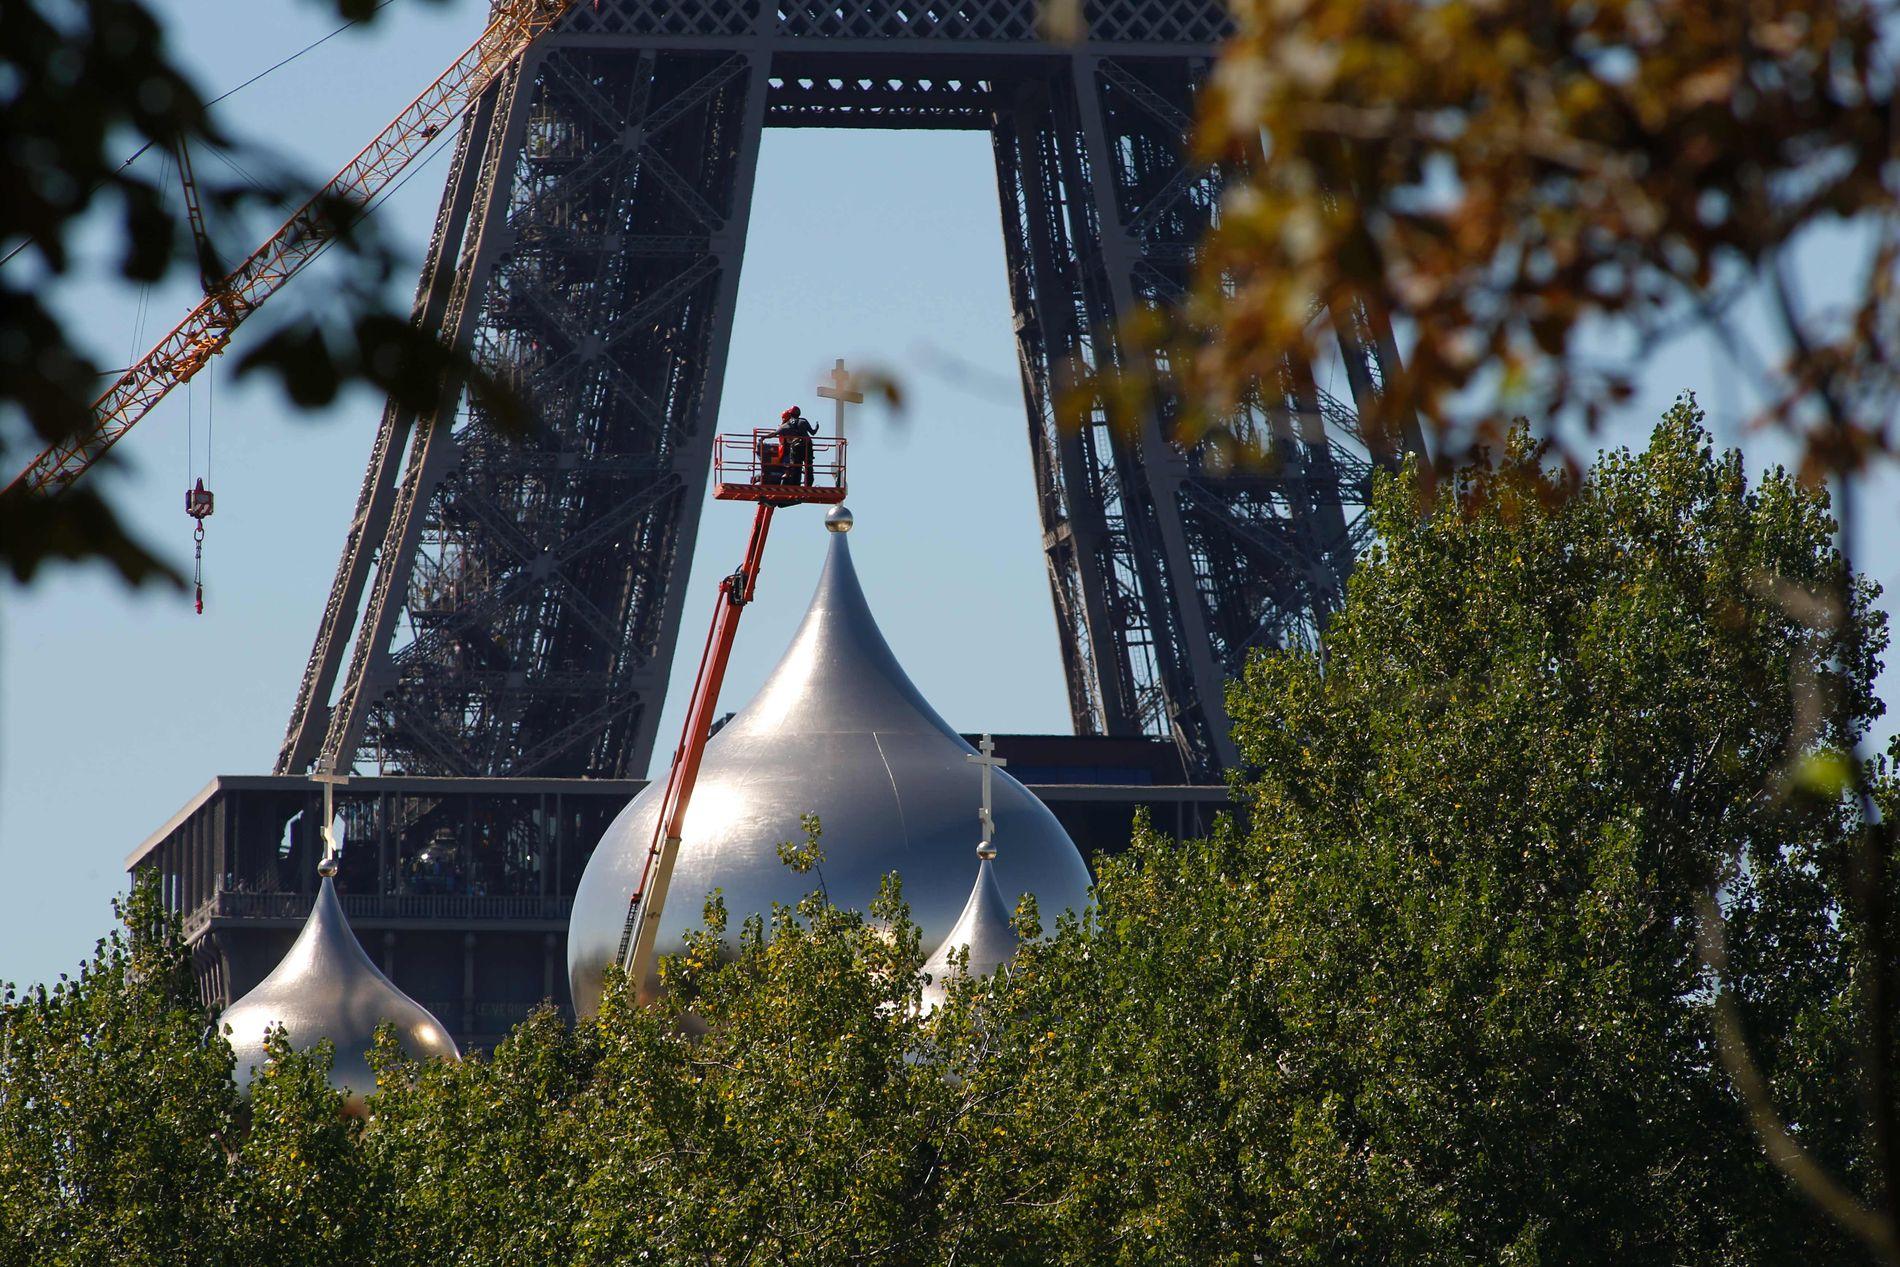 RUSSISK I PARIS: Den russisk-ortodokse kirken som Putin skulle delta på åpningen av er plassert midt i hjertet av Paris, like ved Eiffeltårnet. FOTO:MATTHIEU ALEXANDRE/ AFP